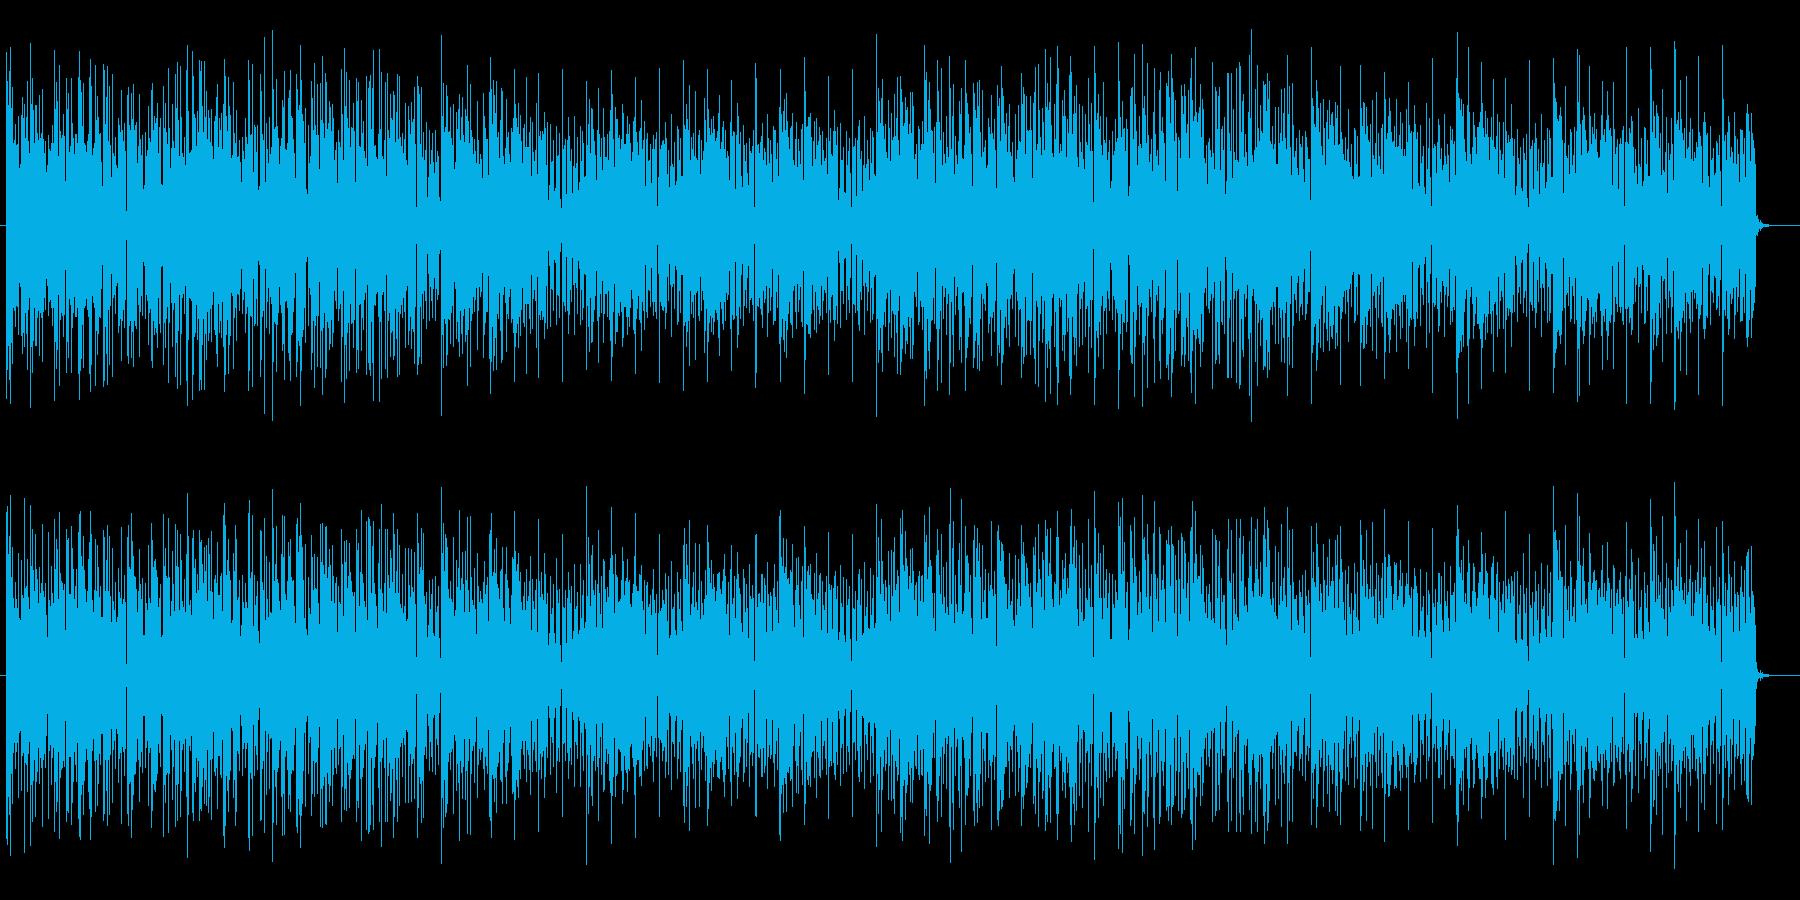 ハイテンポで無機質な明るいポップスの再生済みの波形